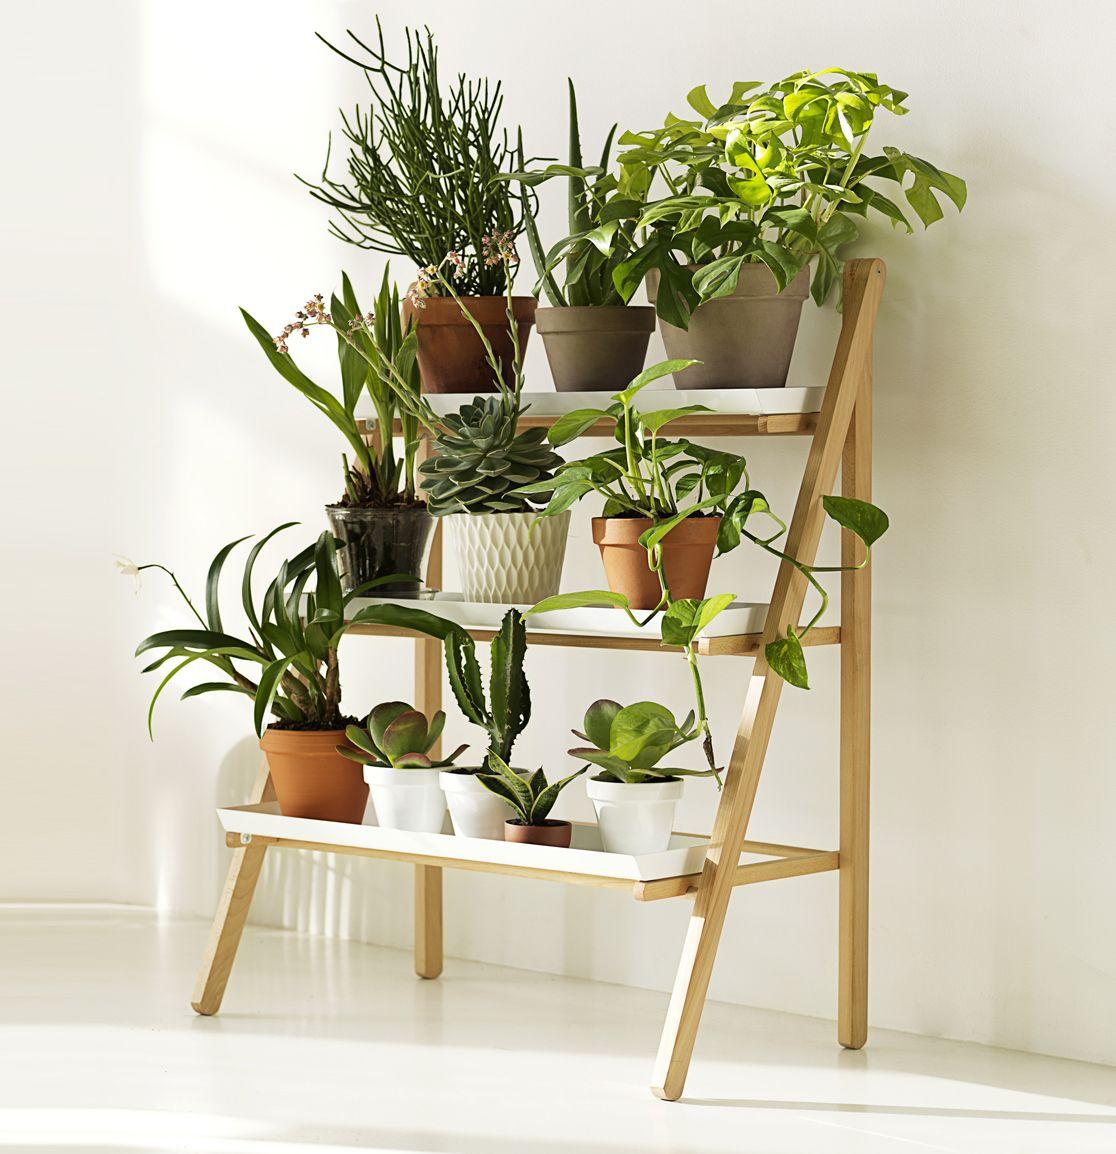 24 Indoor Herb Garden Ideas To Look For Inspiration: Aalto+Aalto Homepage » Pot Steps